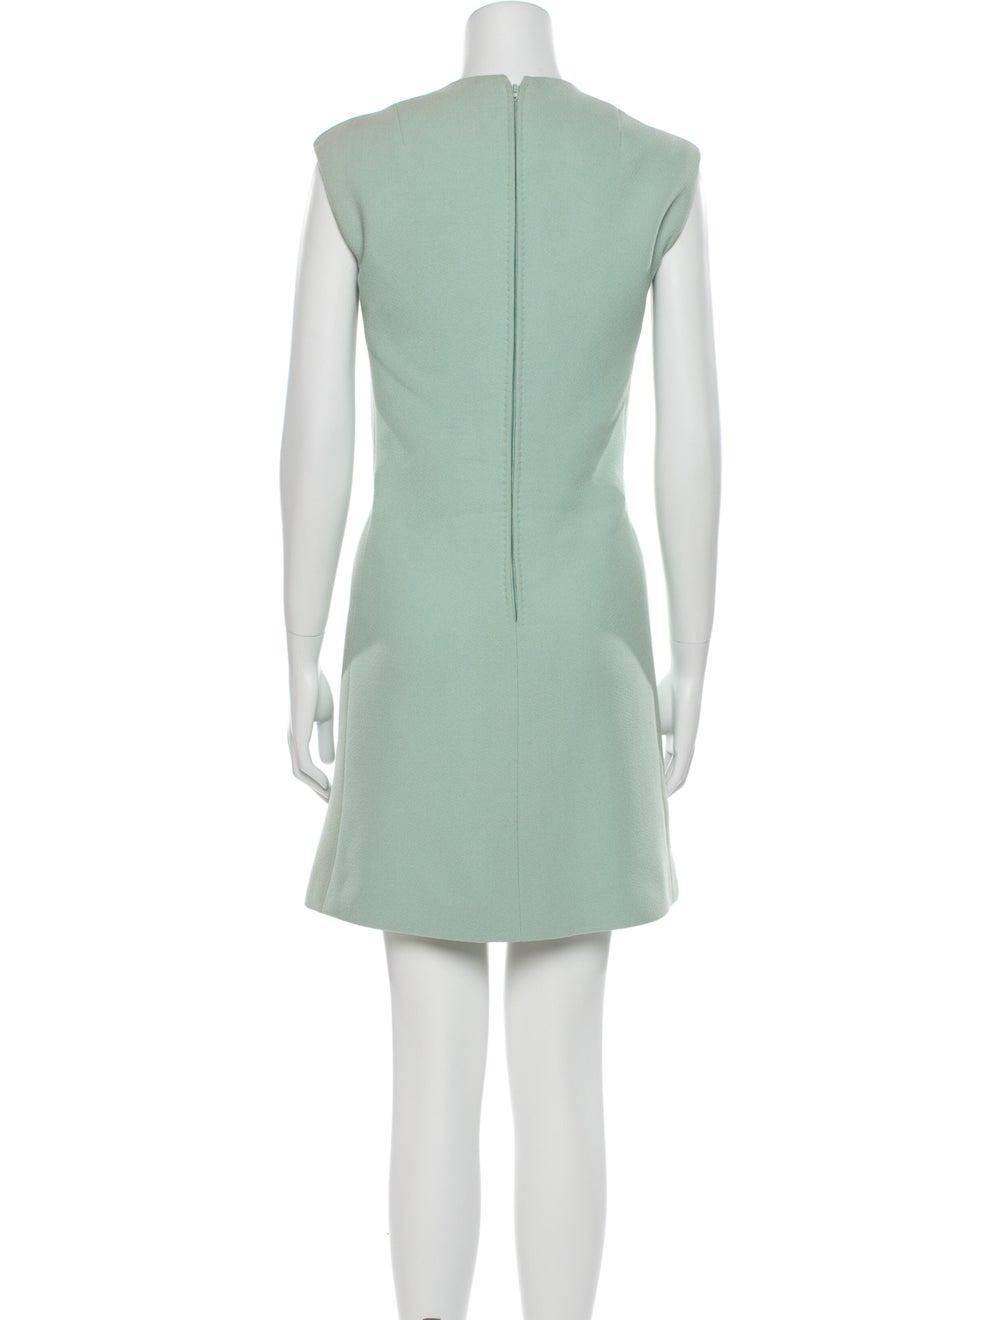 Pauline Trigere Vintage Mini Dress Blue - image 3